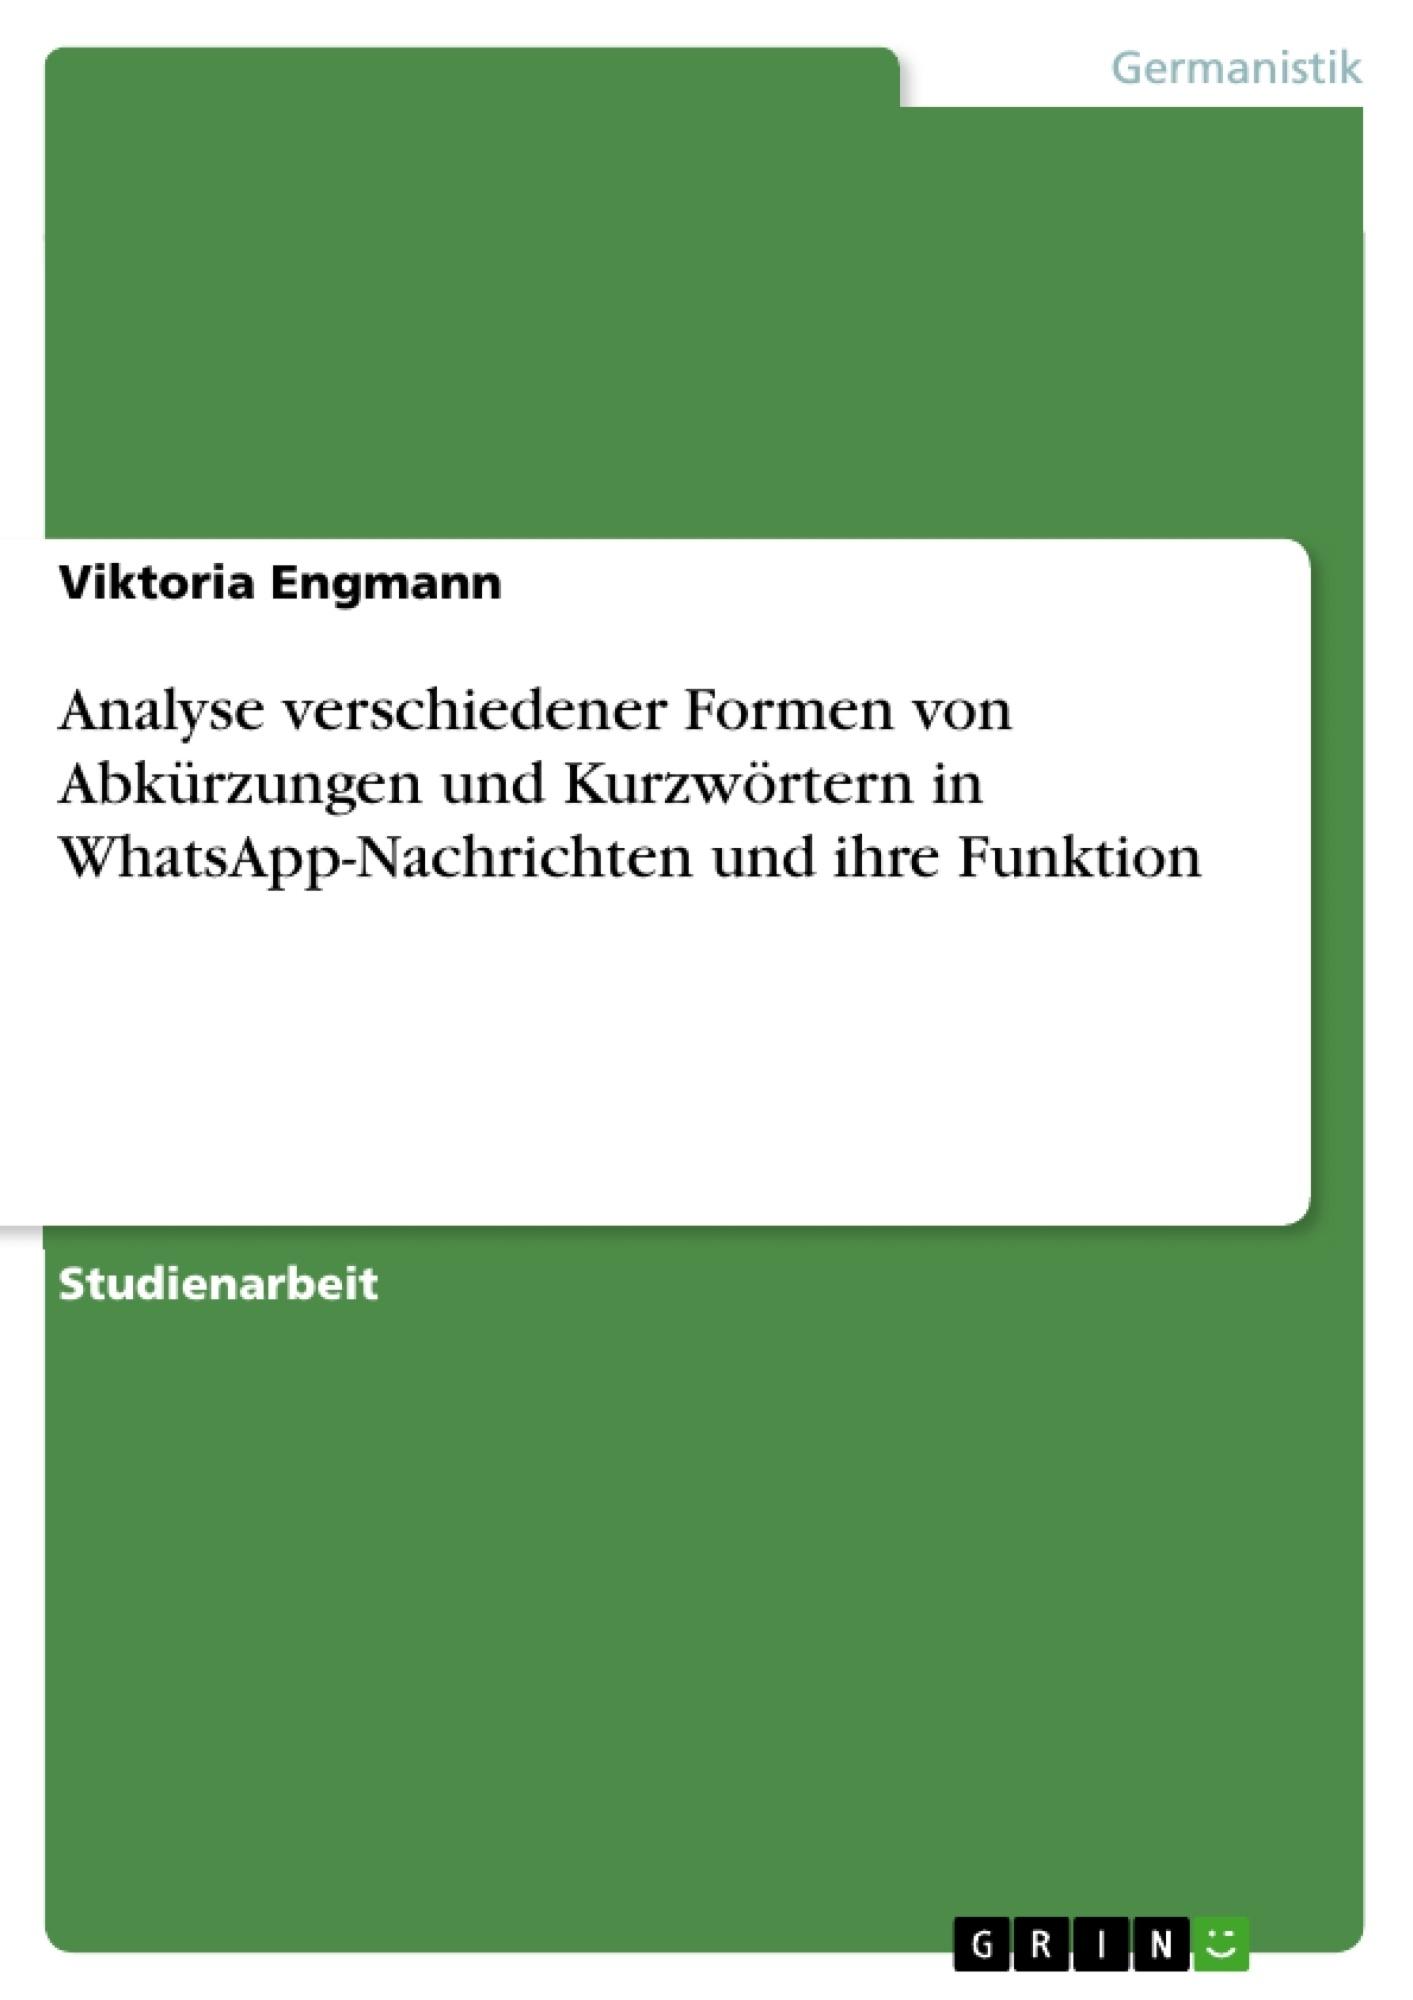 Titel: Analyse verschiedener Formen von Abkürzungen und Kurzwörtern in WhatsApp-Nachrichten und ihre Funktion